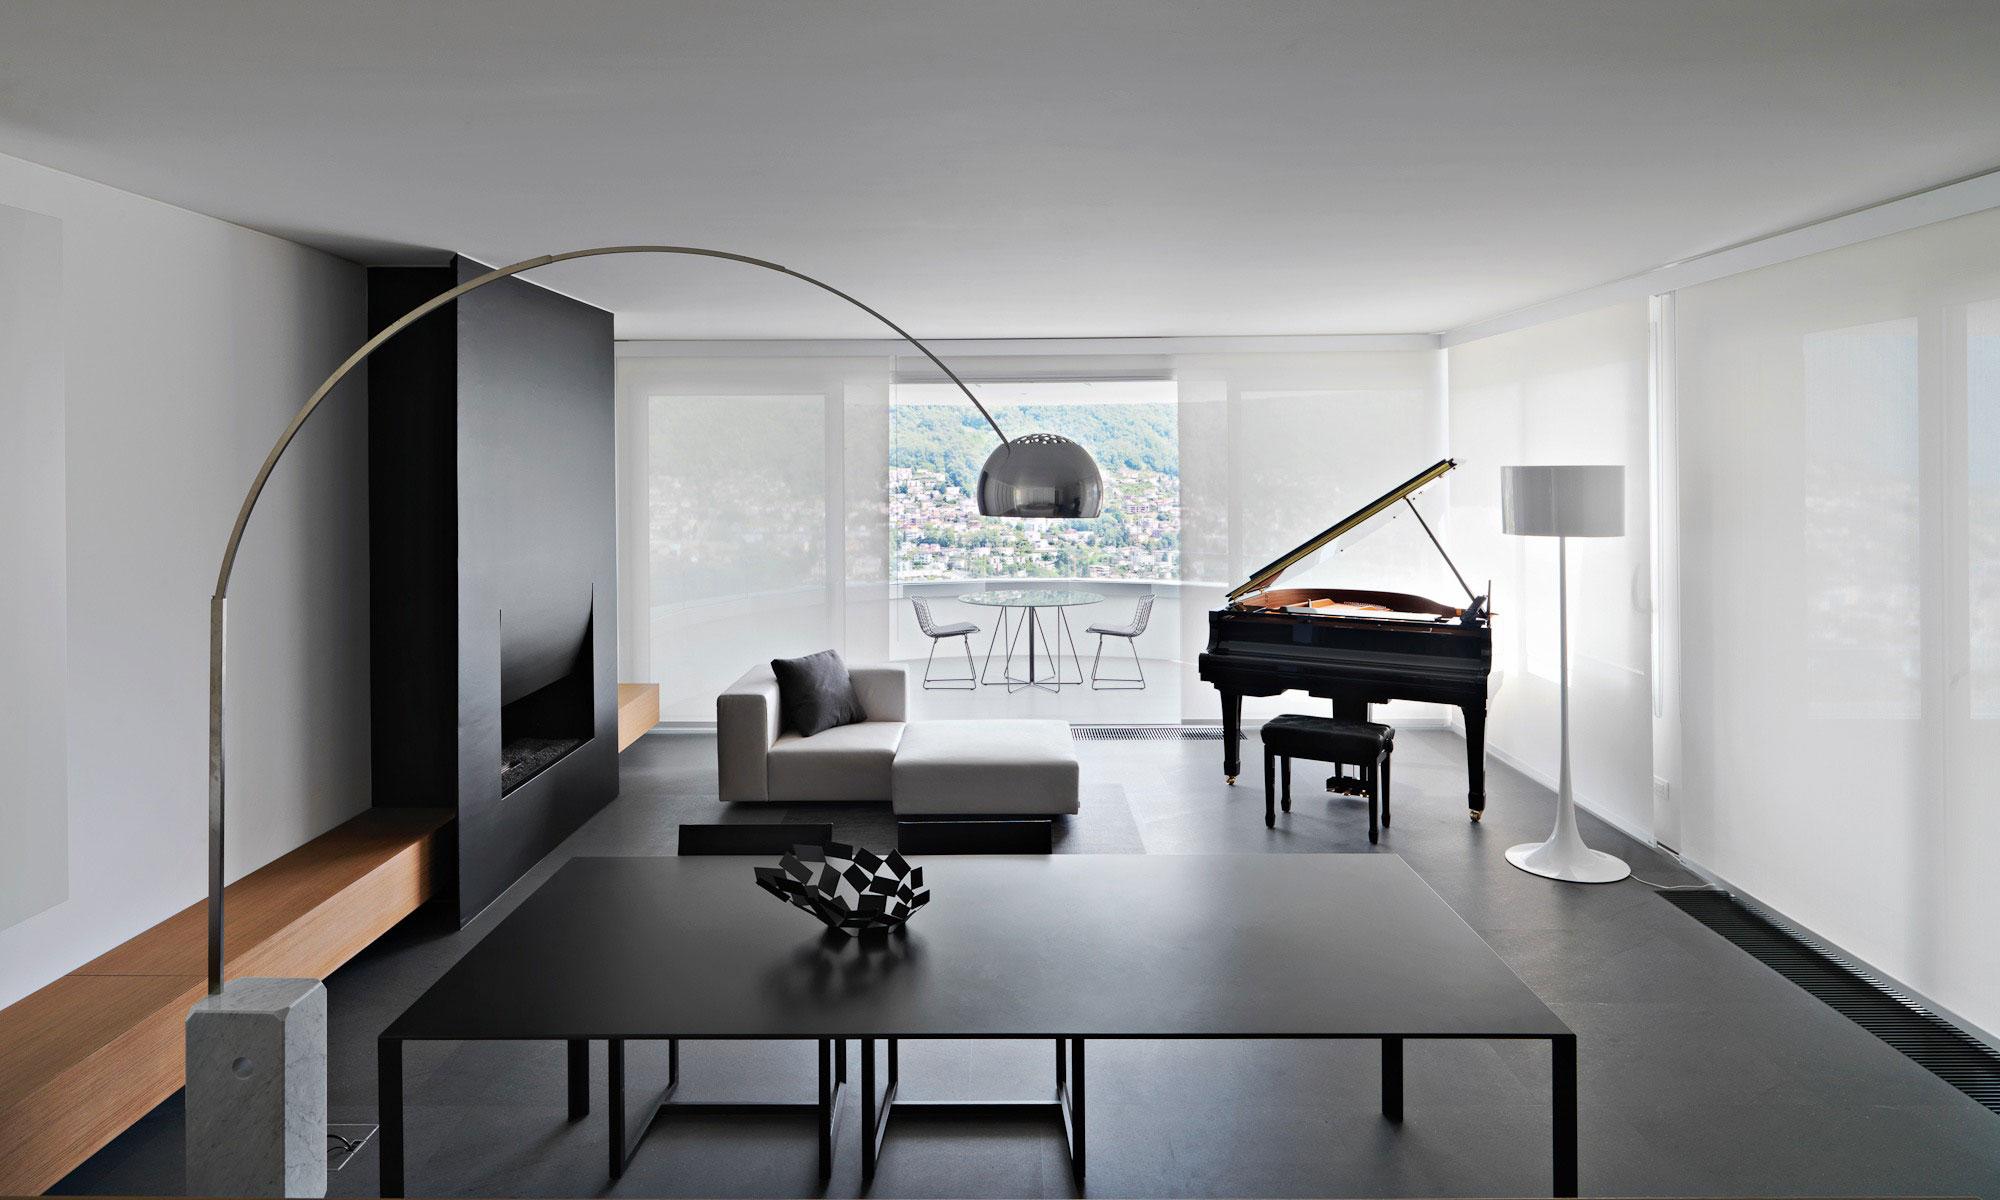 Interior design wohnzimmer  70 moderne, innovative Luxus Interieur Ideen fürs Wohnzimmer